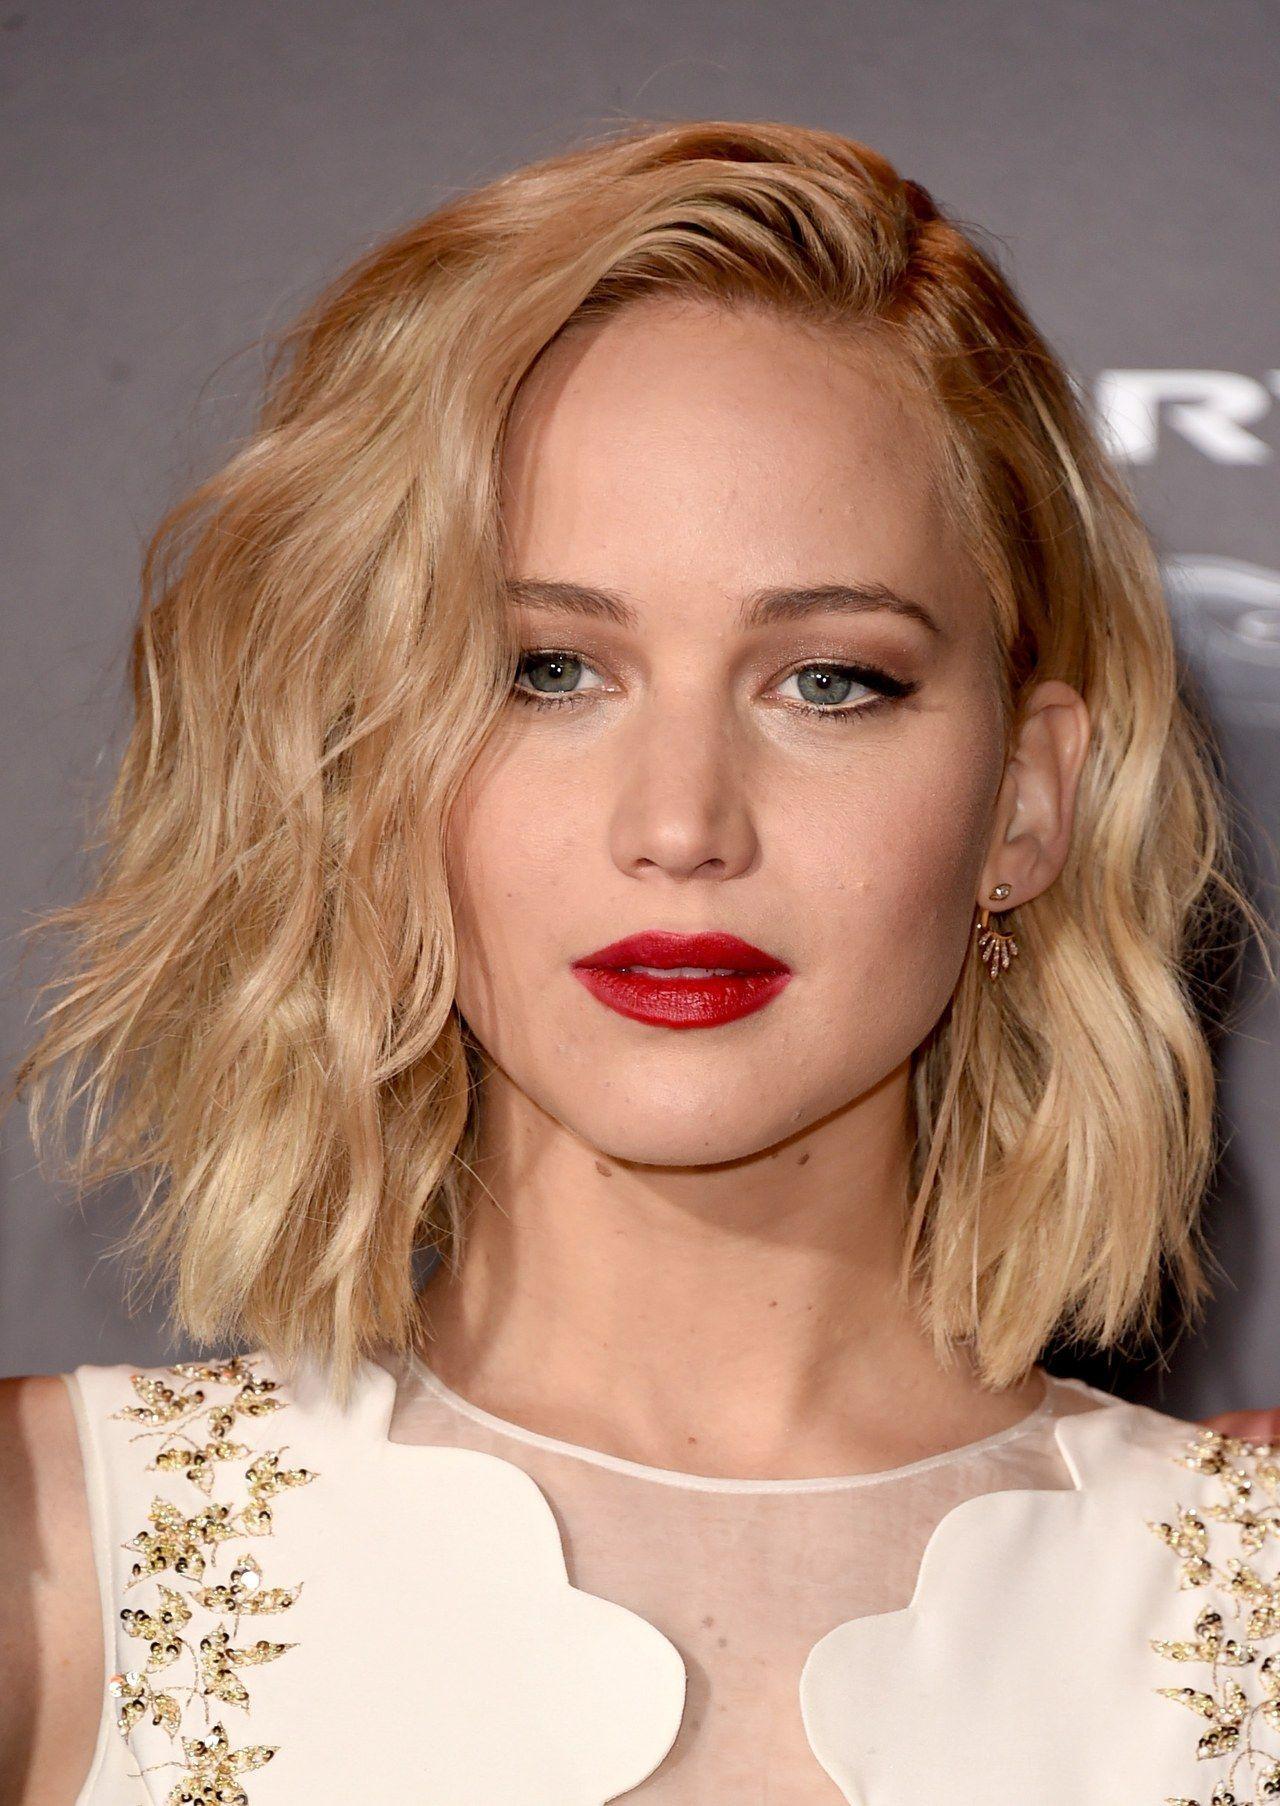 Epingle Par Lc Sur Jennifer Lawrence Belle Coiffure Coiffure Visage Rond Carre Plongeant Cheveux